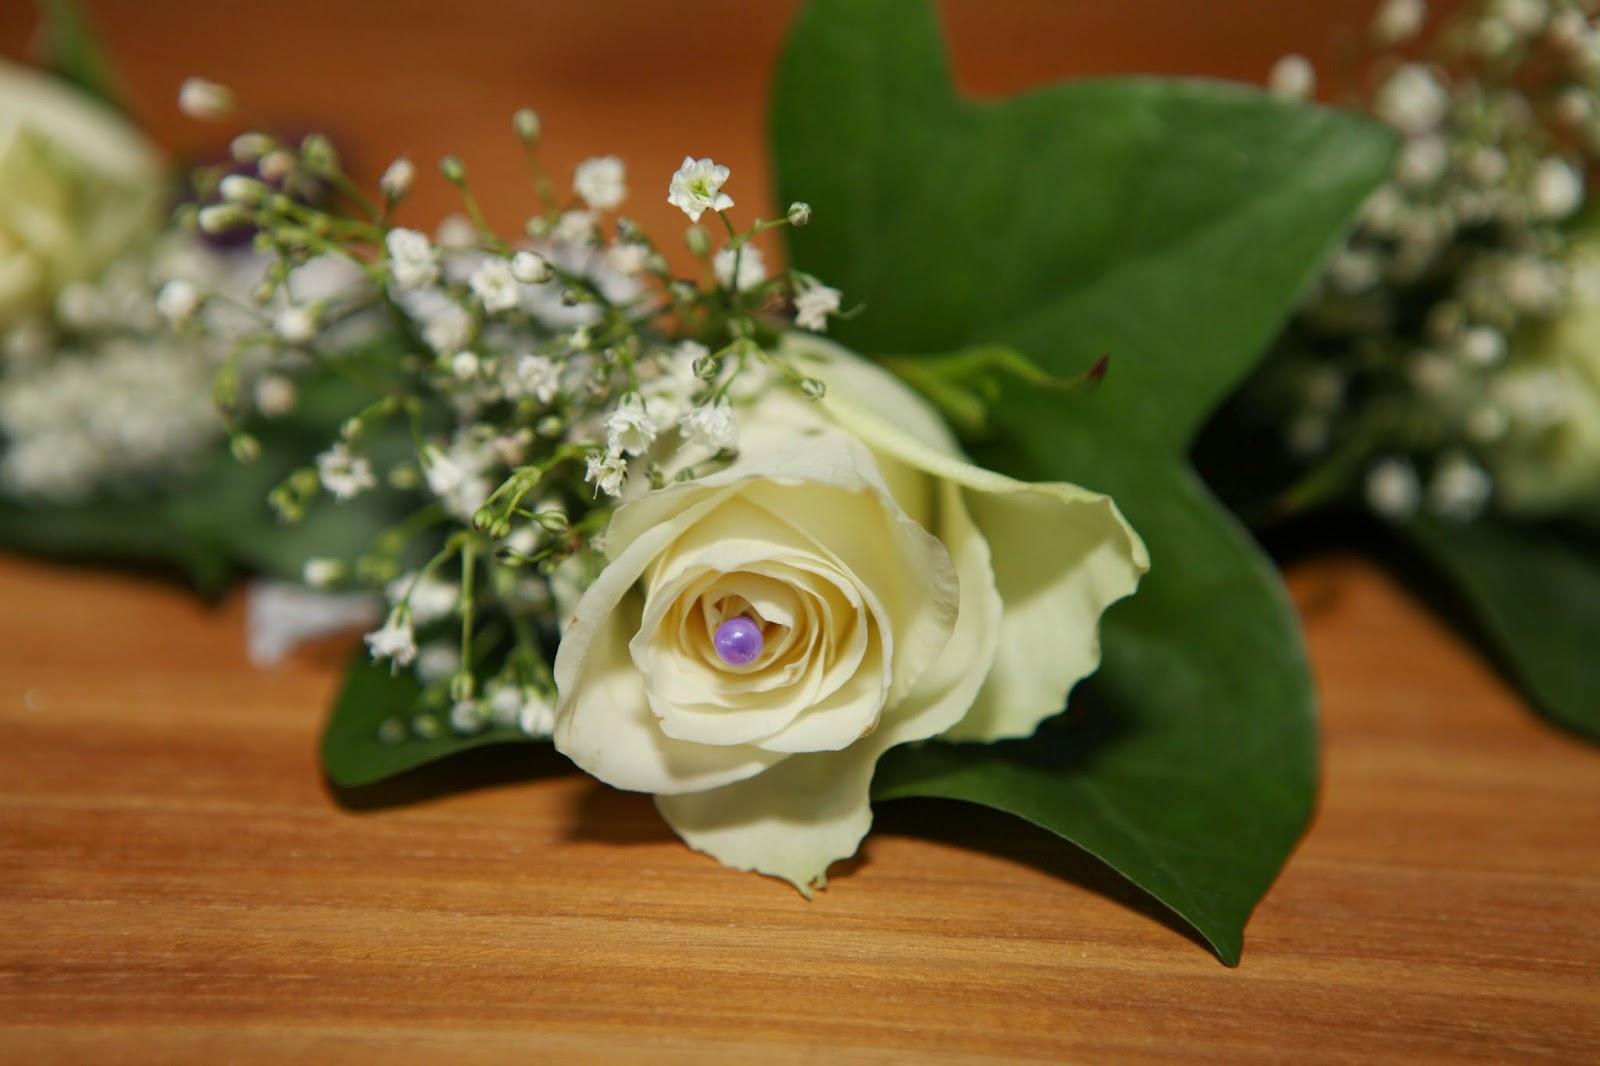 Dinah creatief bruidsboeket en andere bloemstukken - Onze mooie ideeen ...